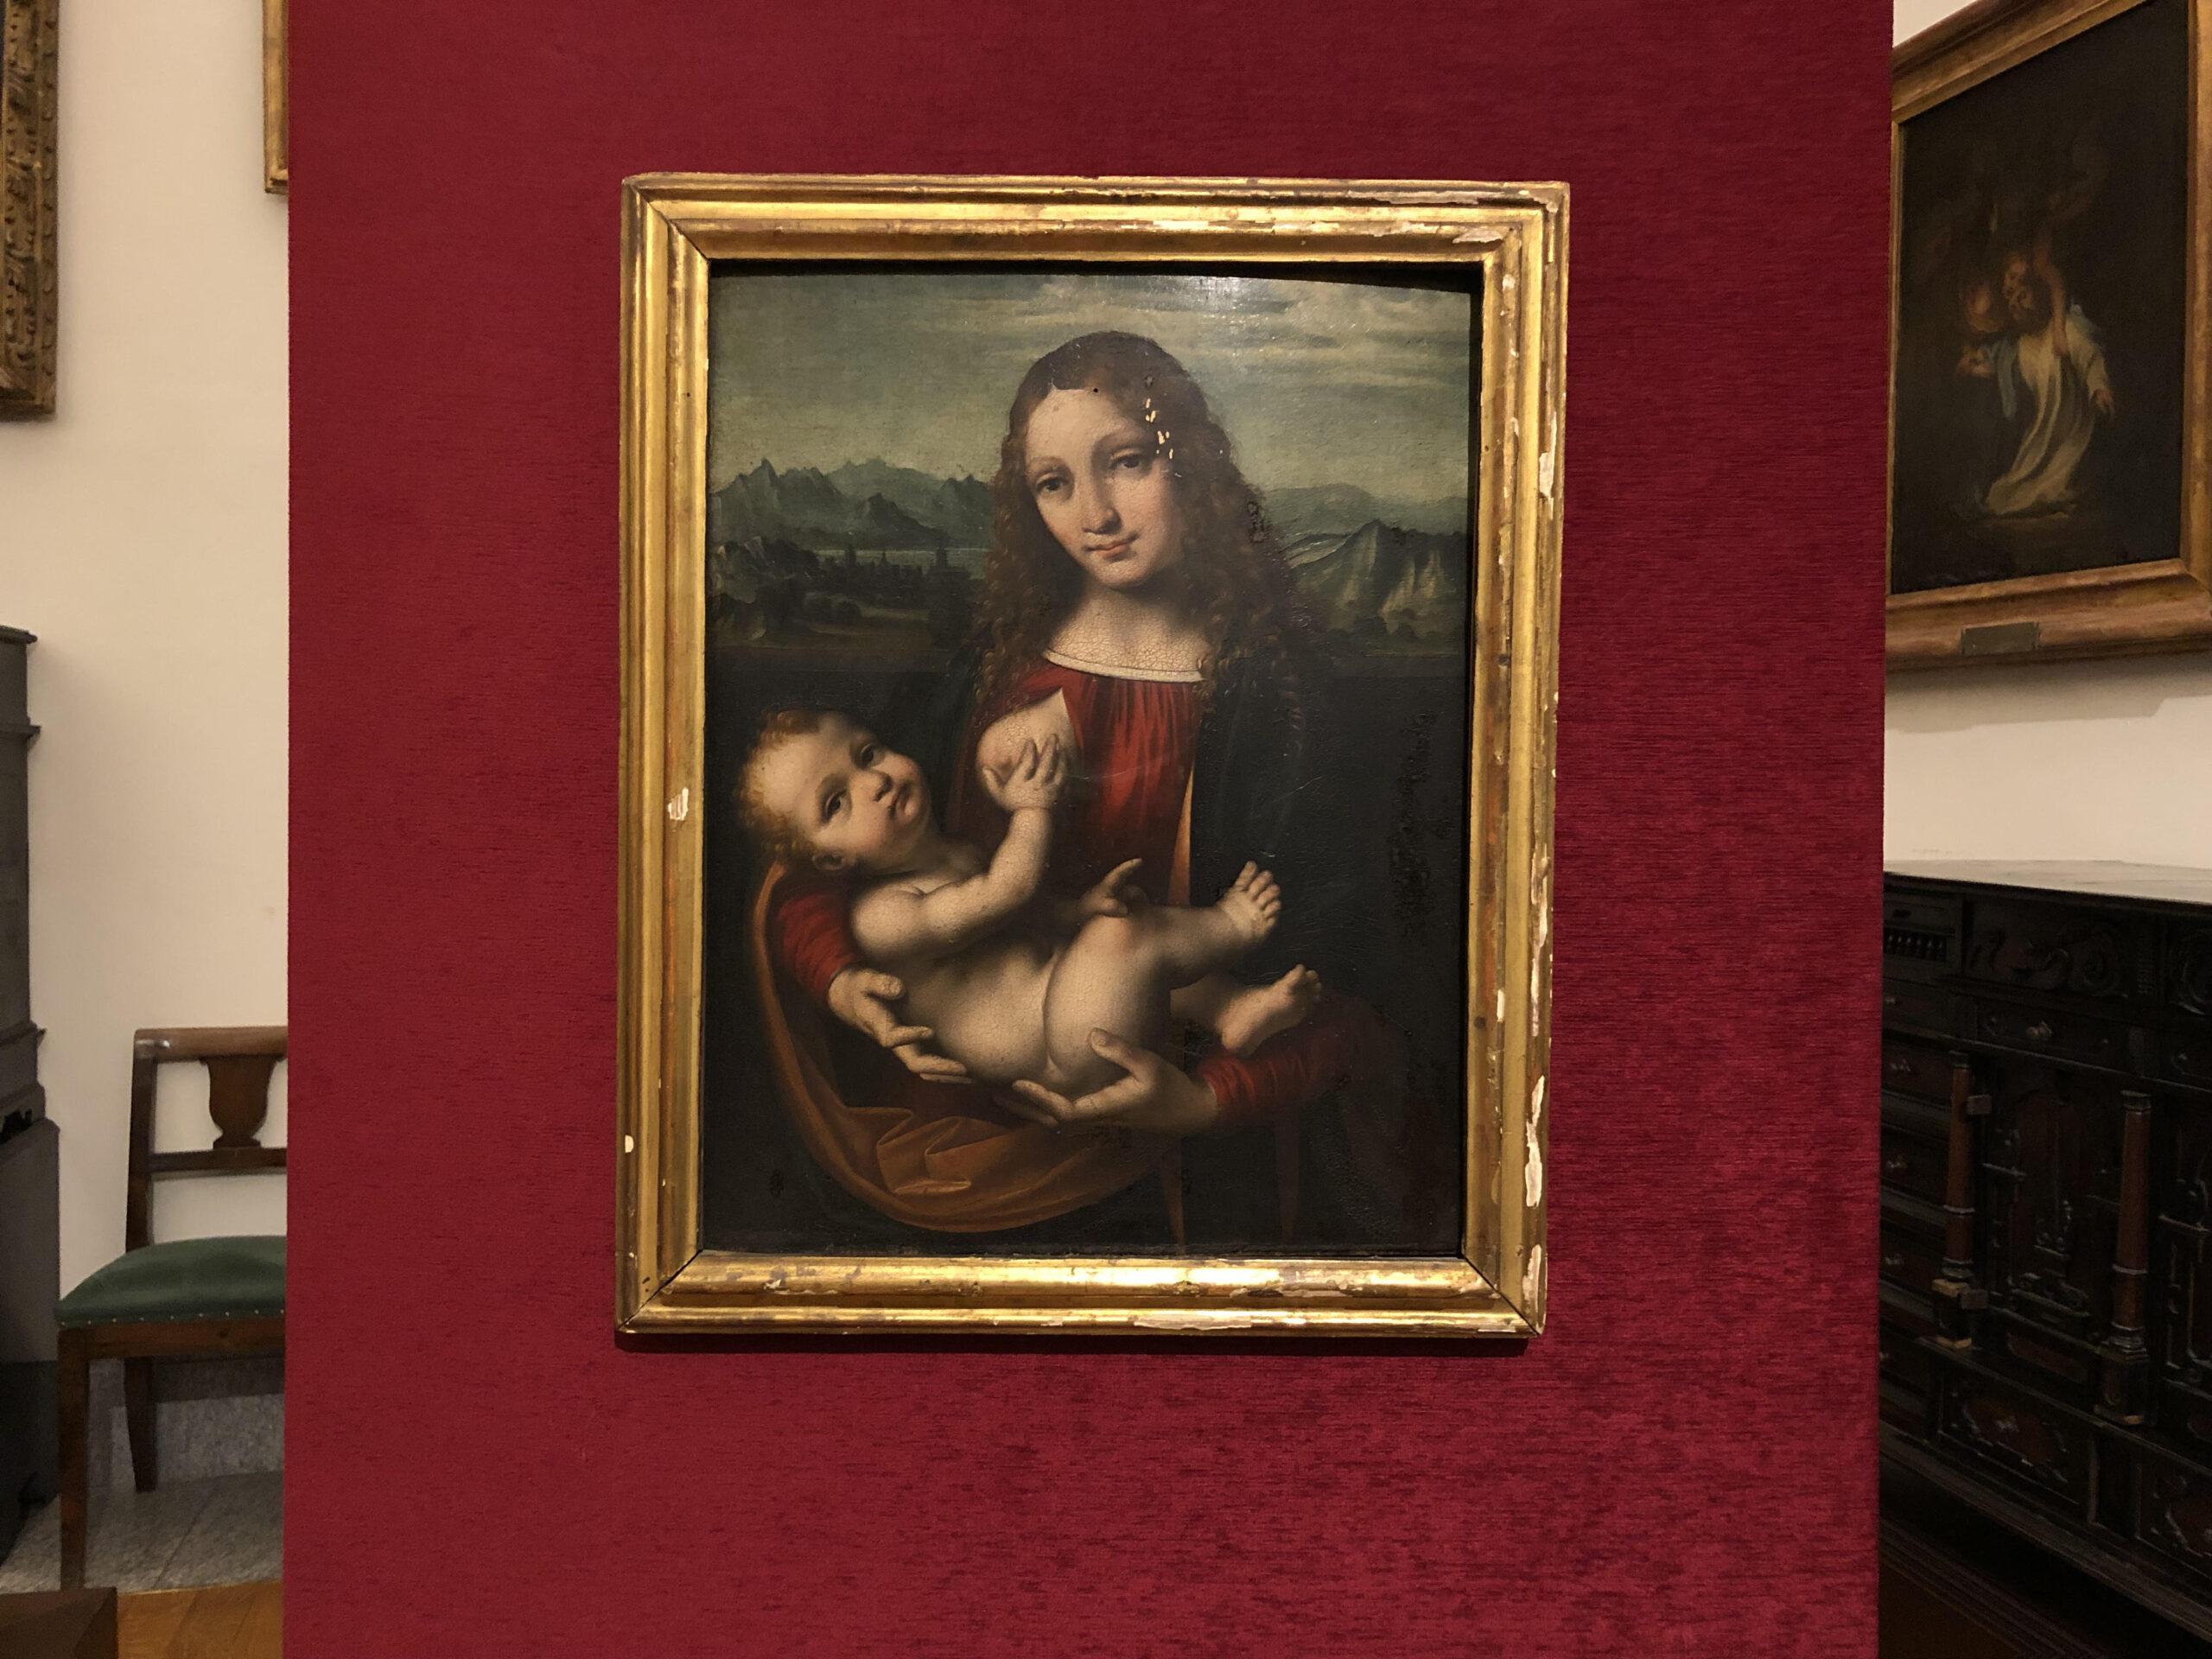 Ritrovata la splendida Madonna con Bambino di Marco d'Oggiono: un grande ritorno all'Ambrosiana